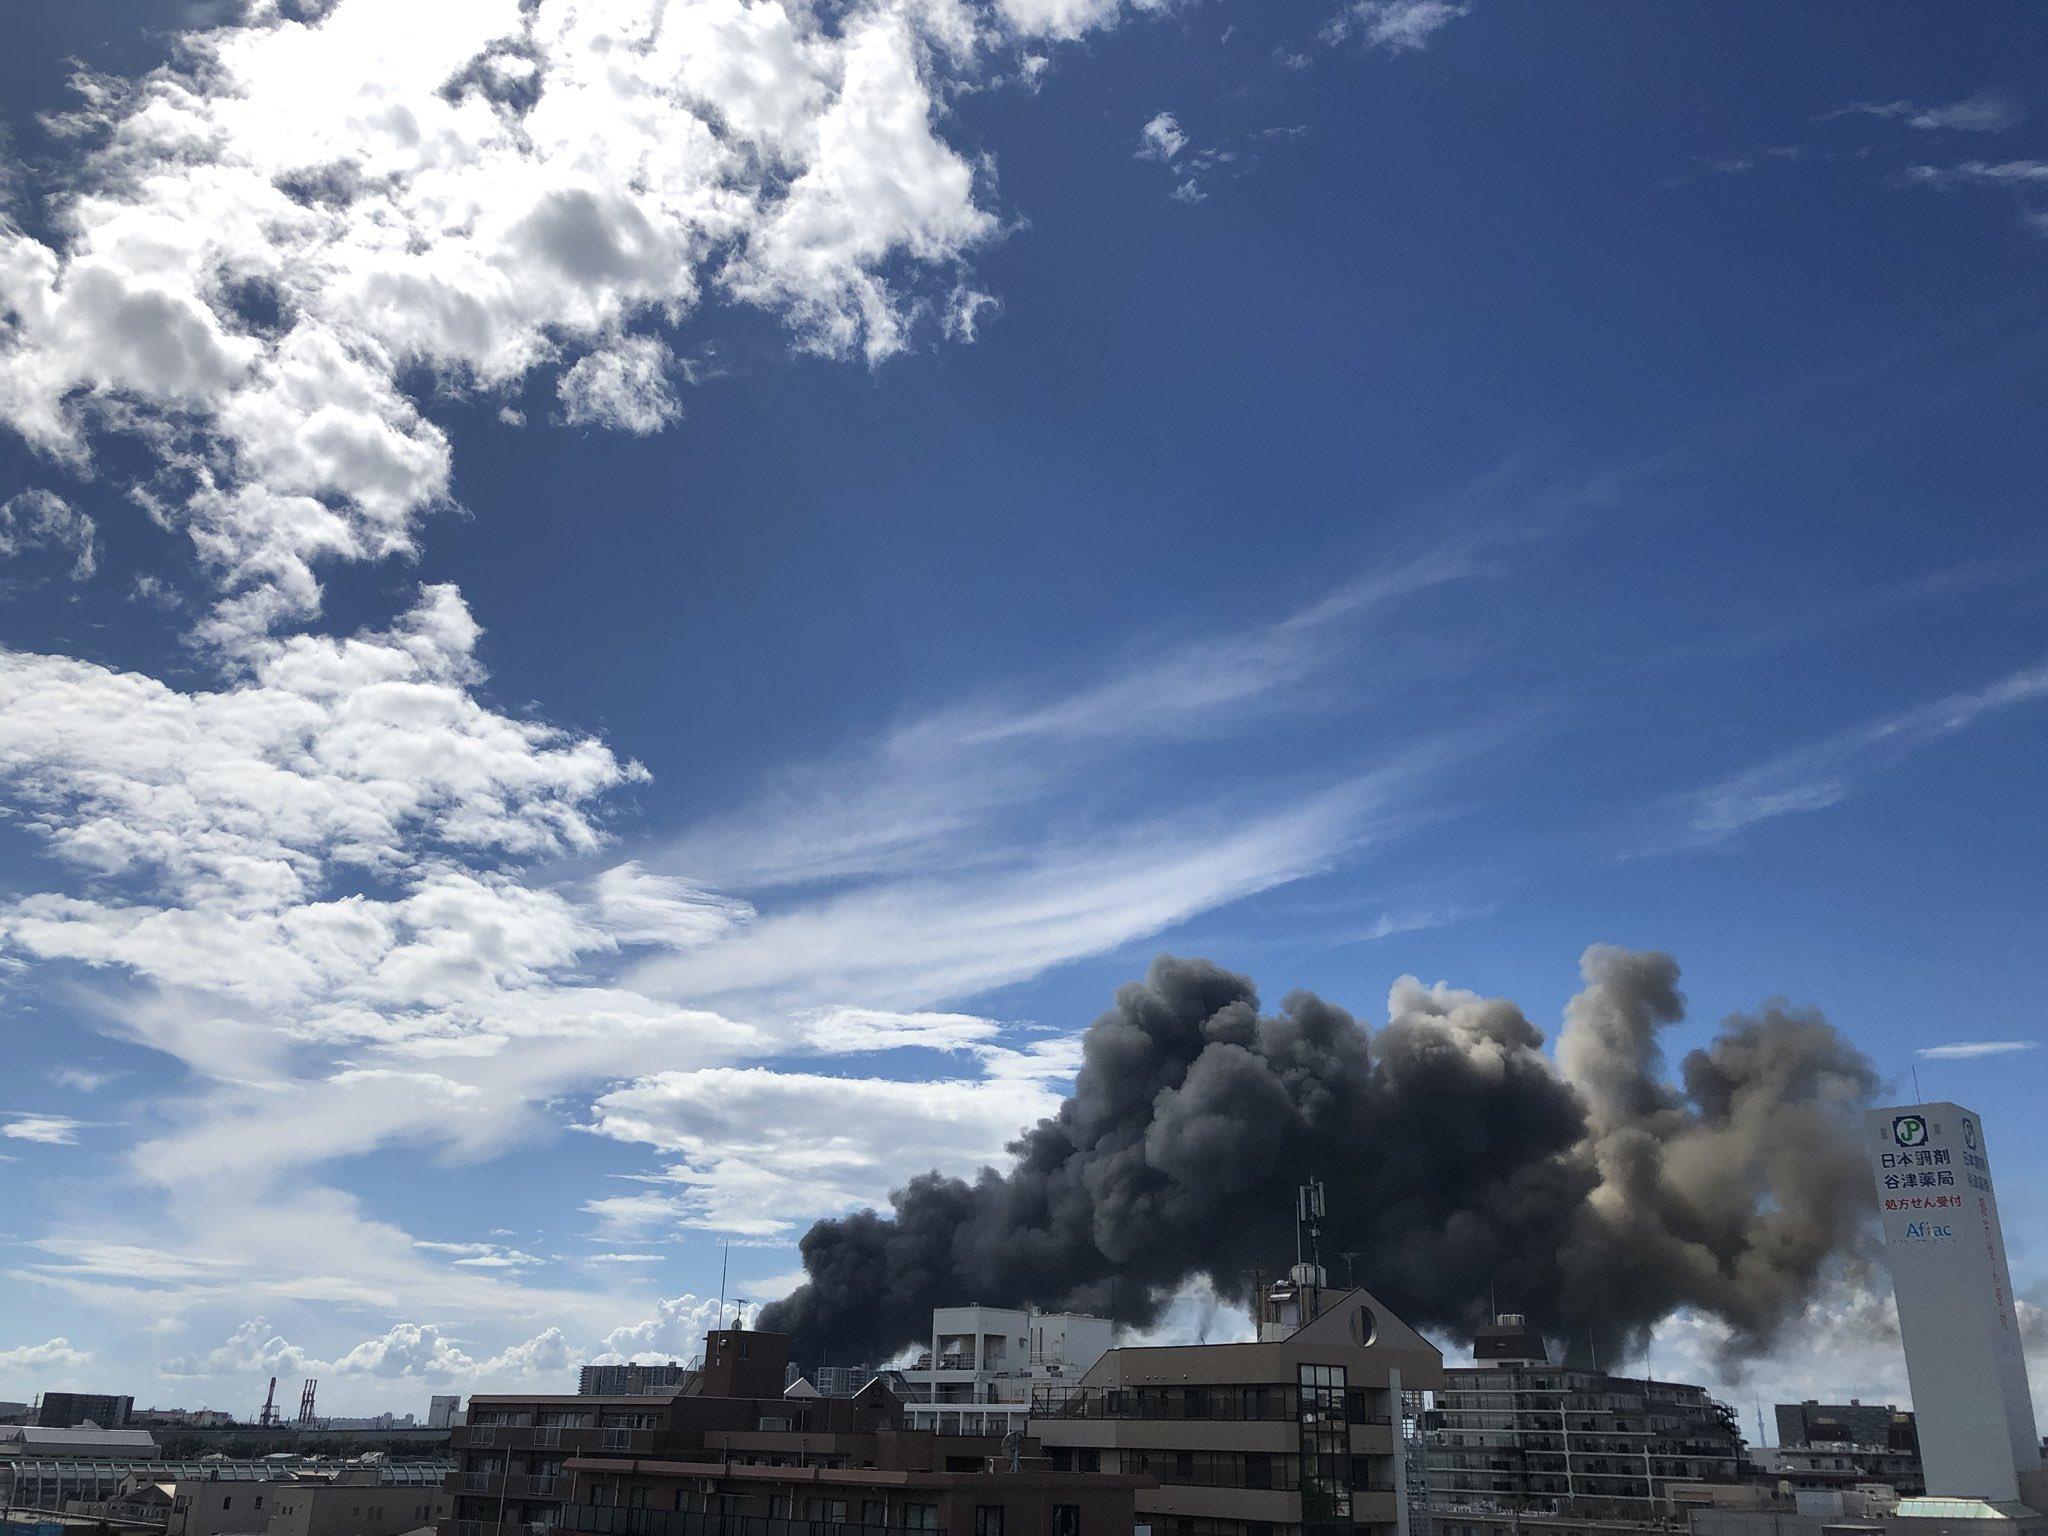 南船橋駅付近の火事で黒煙が立ち上っている画像